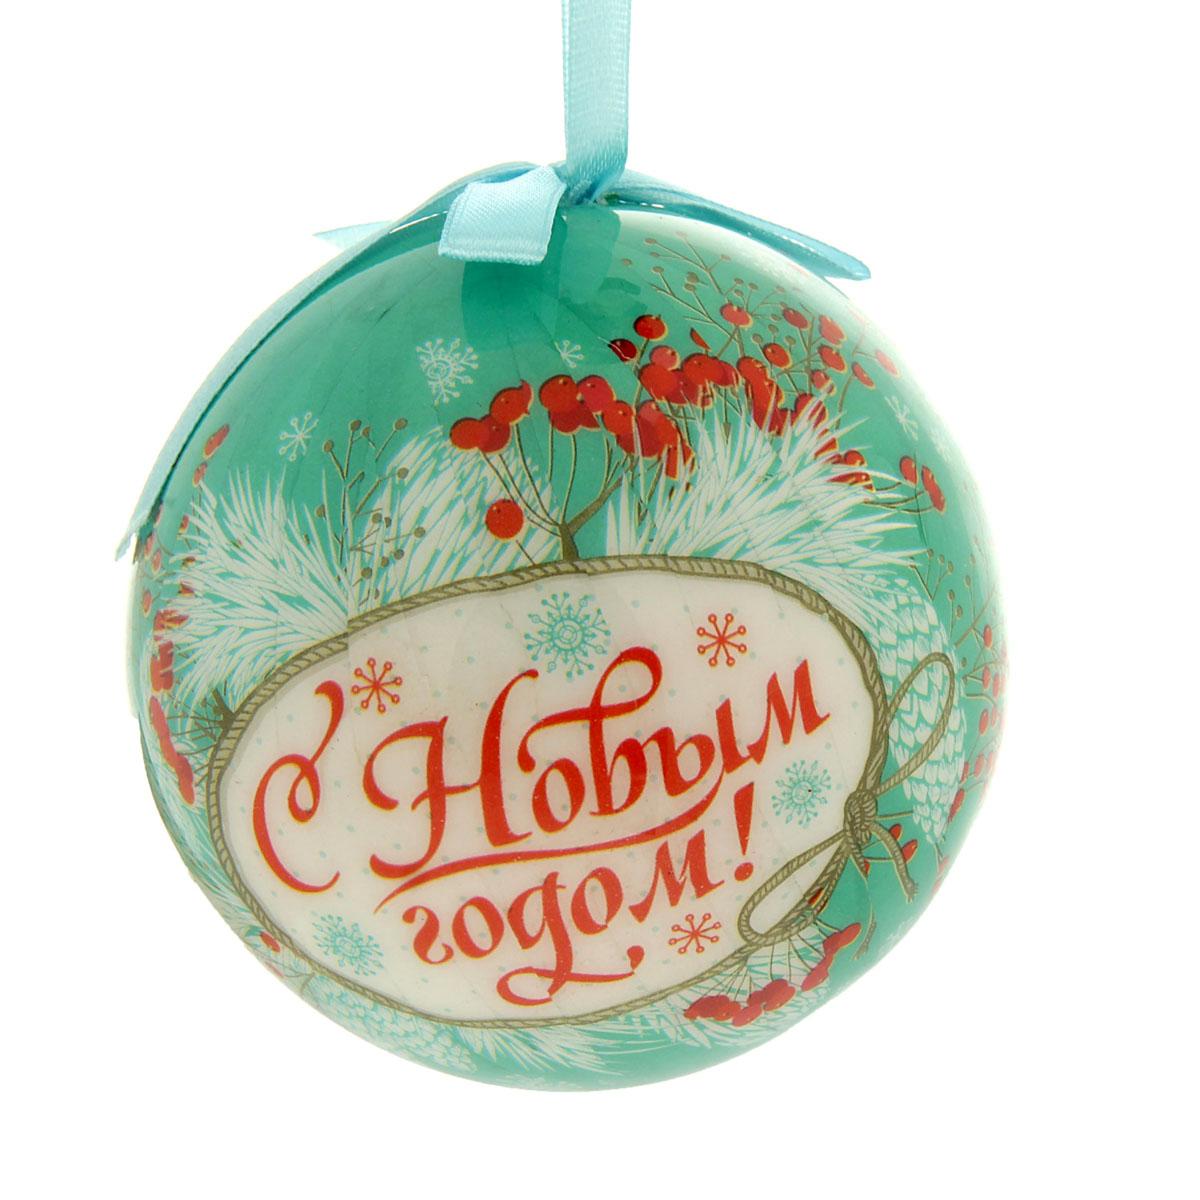 Новогоднее подвесное украшение Sima-land Шар, диаметр 10 см. 279350185492Новогоднее подвесное украшение Sima-land выполнено из высококачественного пенопласта в форме шара и покрыто цветной пленкой. Шар декорирован новогодним рисунком и текстильным бантом. С помощью специальной петельки украшение можно повесить в любом понравившемся вам месте. Но, конечно, удачнее всего такой набор будет смотреться на праздничной елке.Елочная игрушка - символ Нового года. Она несет в себе волшебство и красоту праздника. Создайте в своем доме атмосферу веселья и радости, украшая новогоднюю елку нарядными игрушками, которые будут из года в год накапливать теплоту воспоминаний. УВАЖАЕМЫЕ КЛИЕНТЫ!Обращаем ваше внимание на возможные изменения в дизайне, связанные с ассортиментом продукции. Поставка осуществляется в зависимости от наличия на складе.Материал: пенопласт, пленка, текстиль.